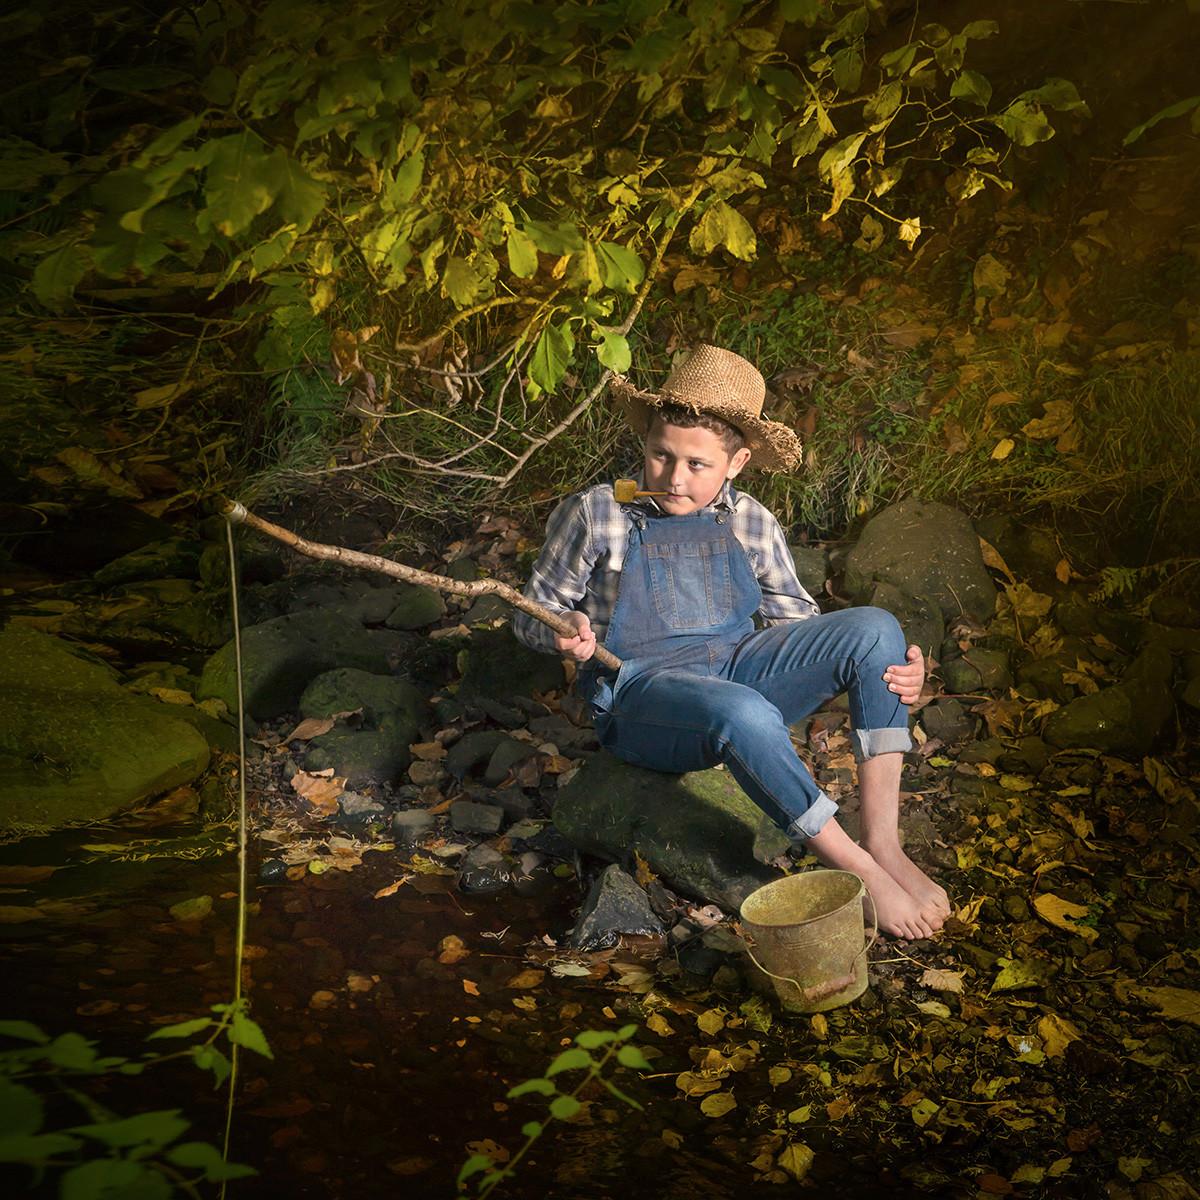 COLOUR - The Adventures of Huckleberry Finn - Mark Twain by Mary Hill (13 marks)